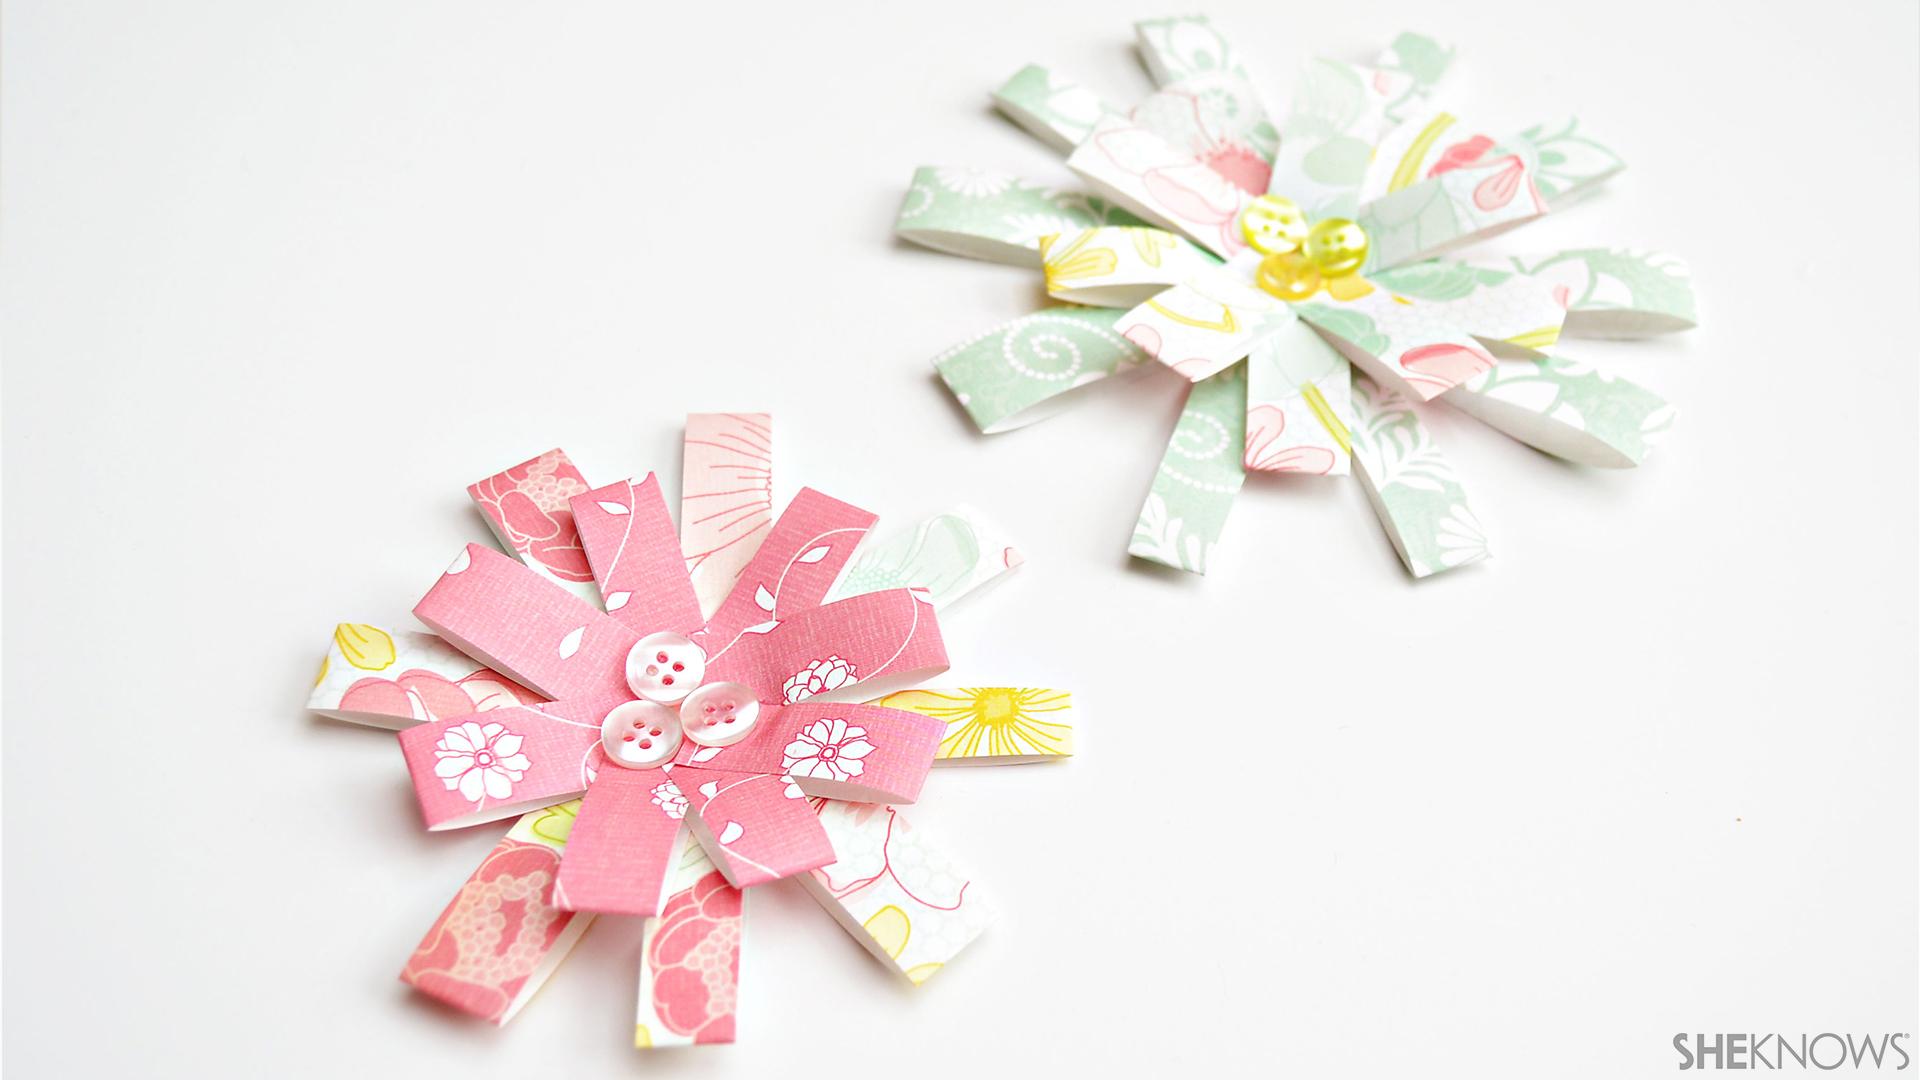 3D paper flowers | Sheknows.com